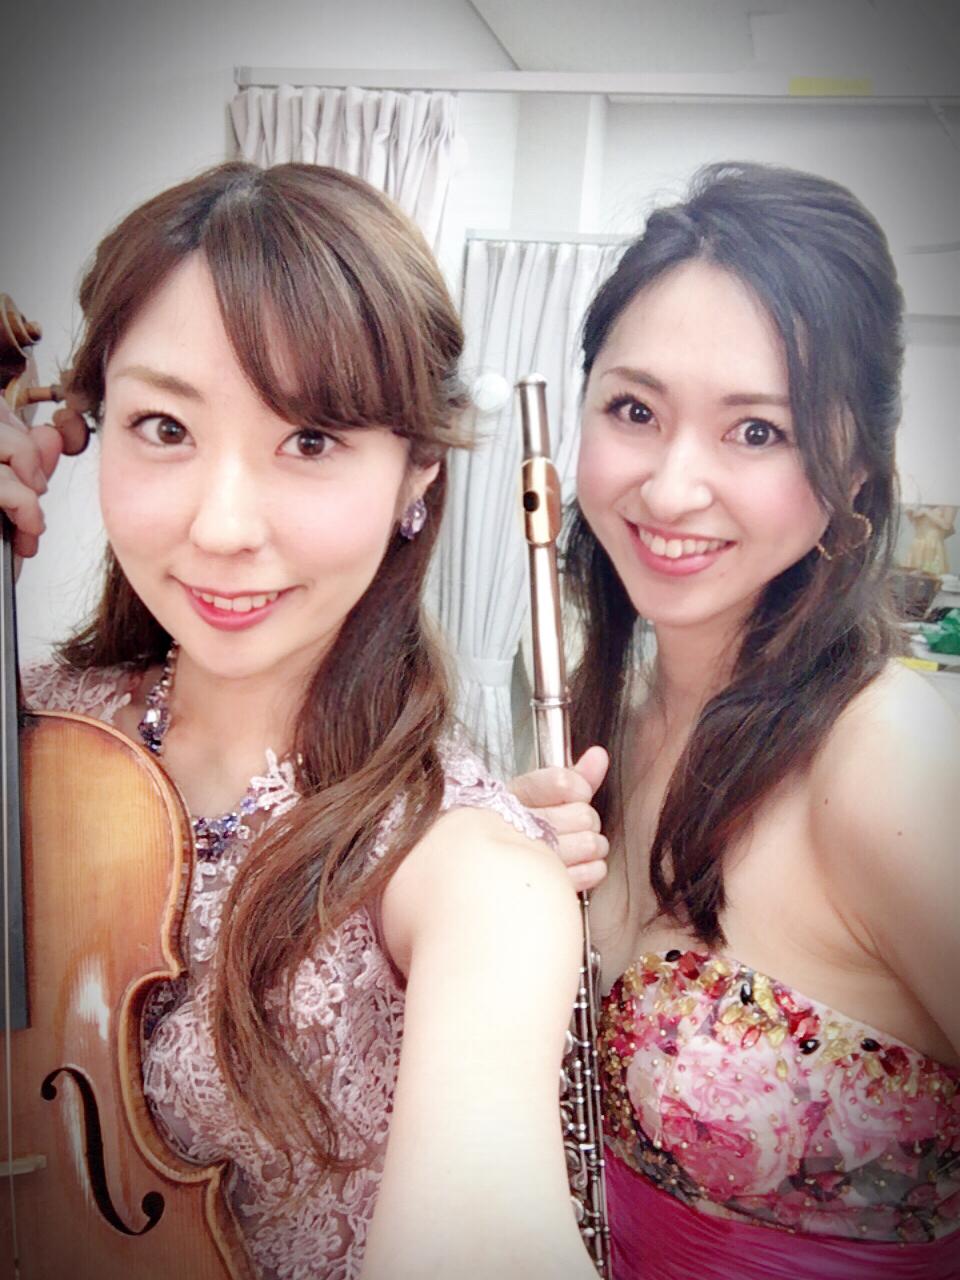 ウェルカム演奏はヴァイオリンとフルートの二重奏でした